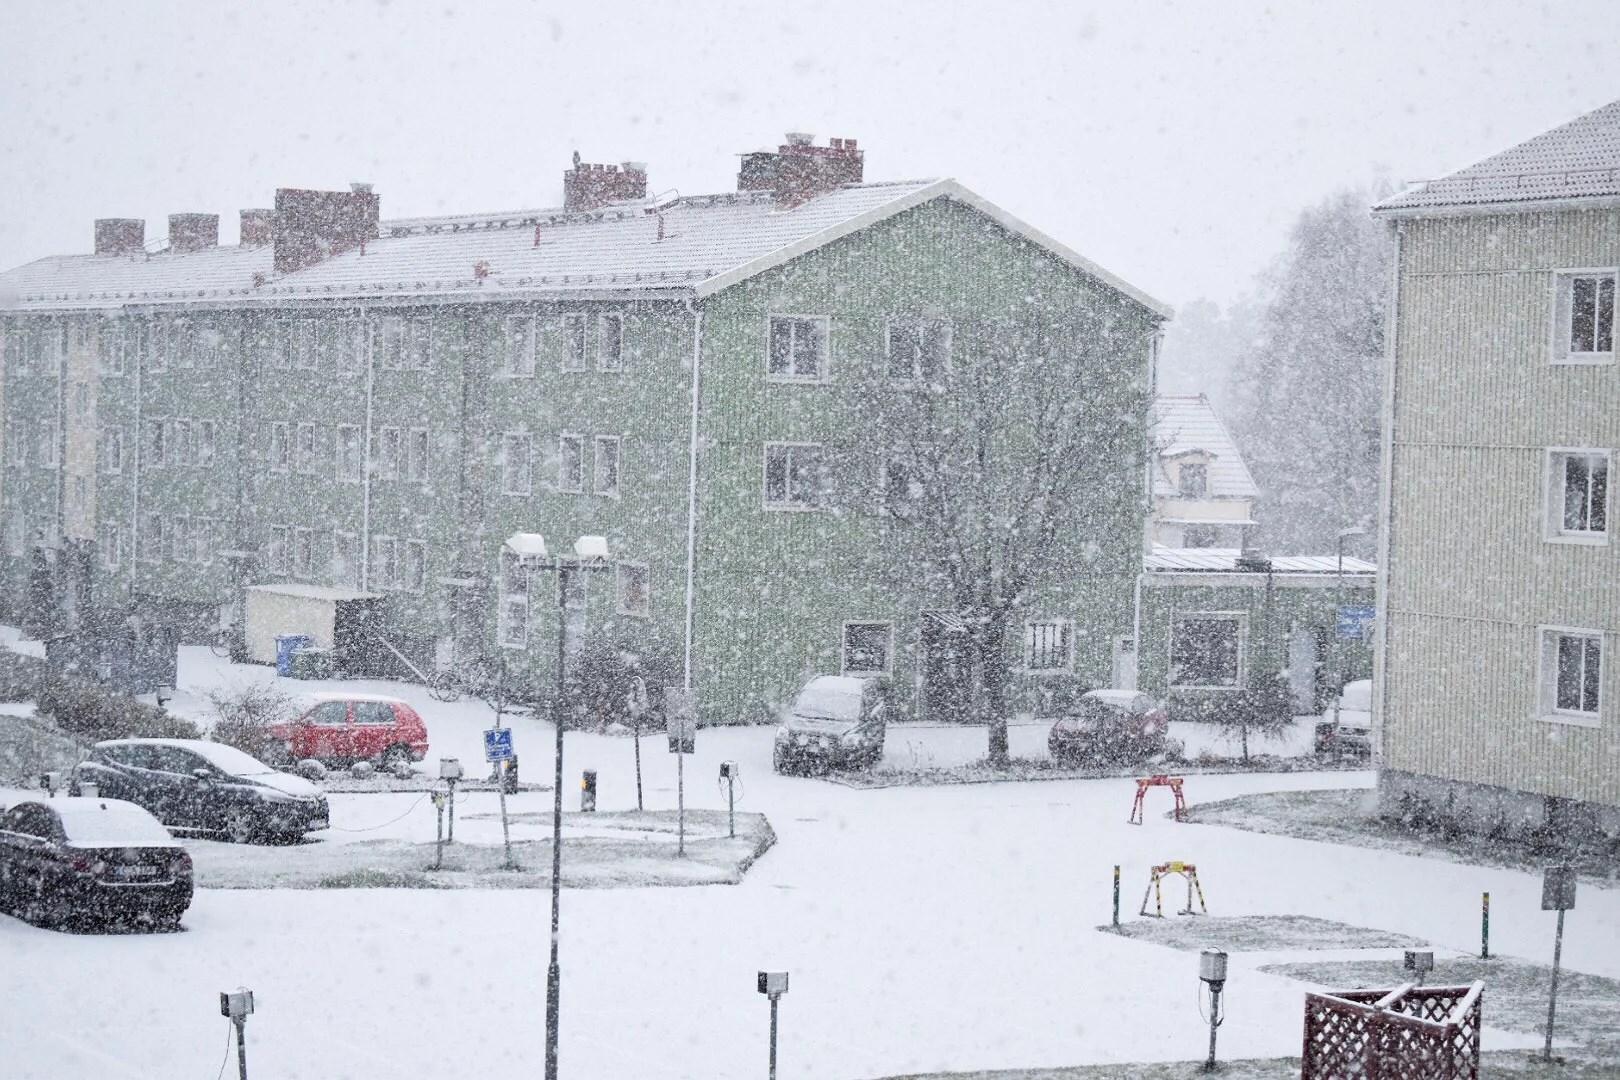 Jag ser det snöar